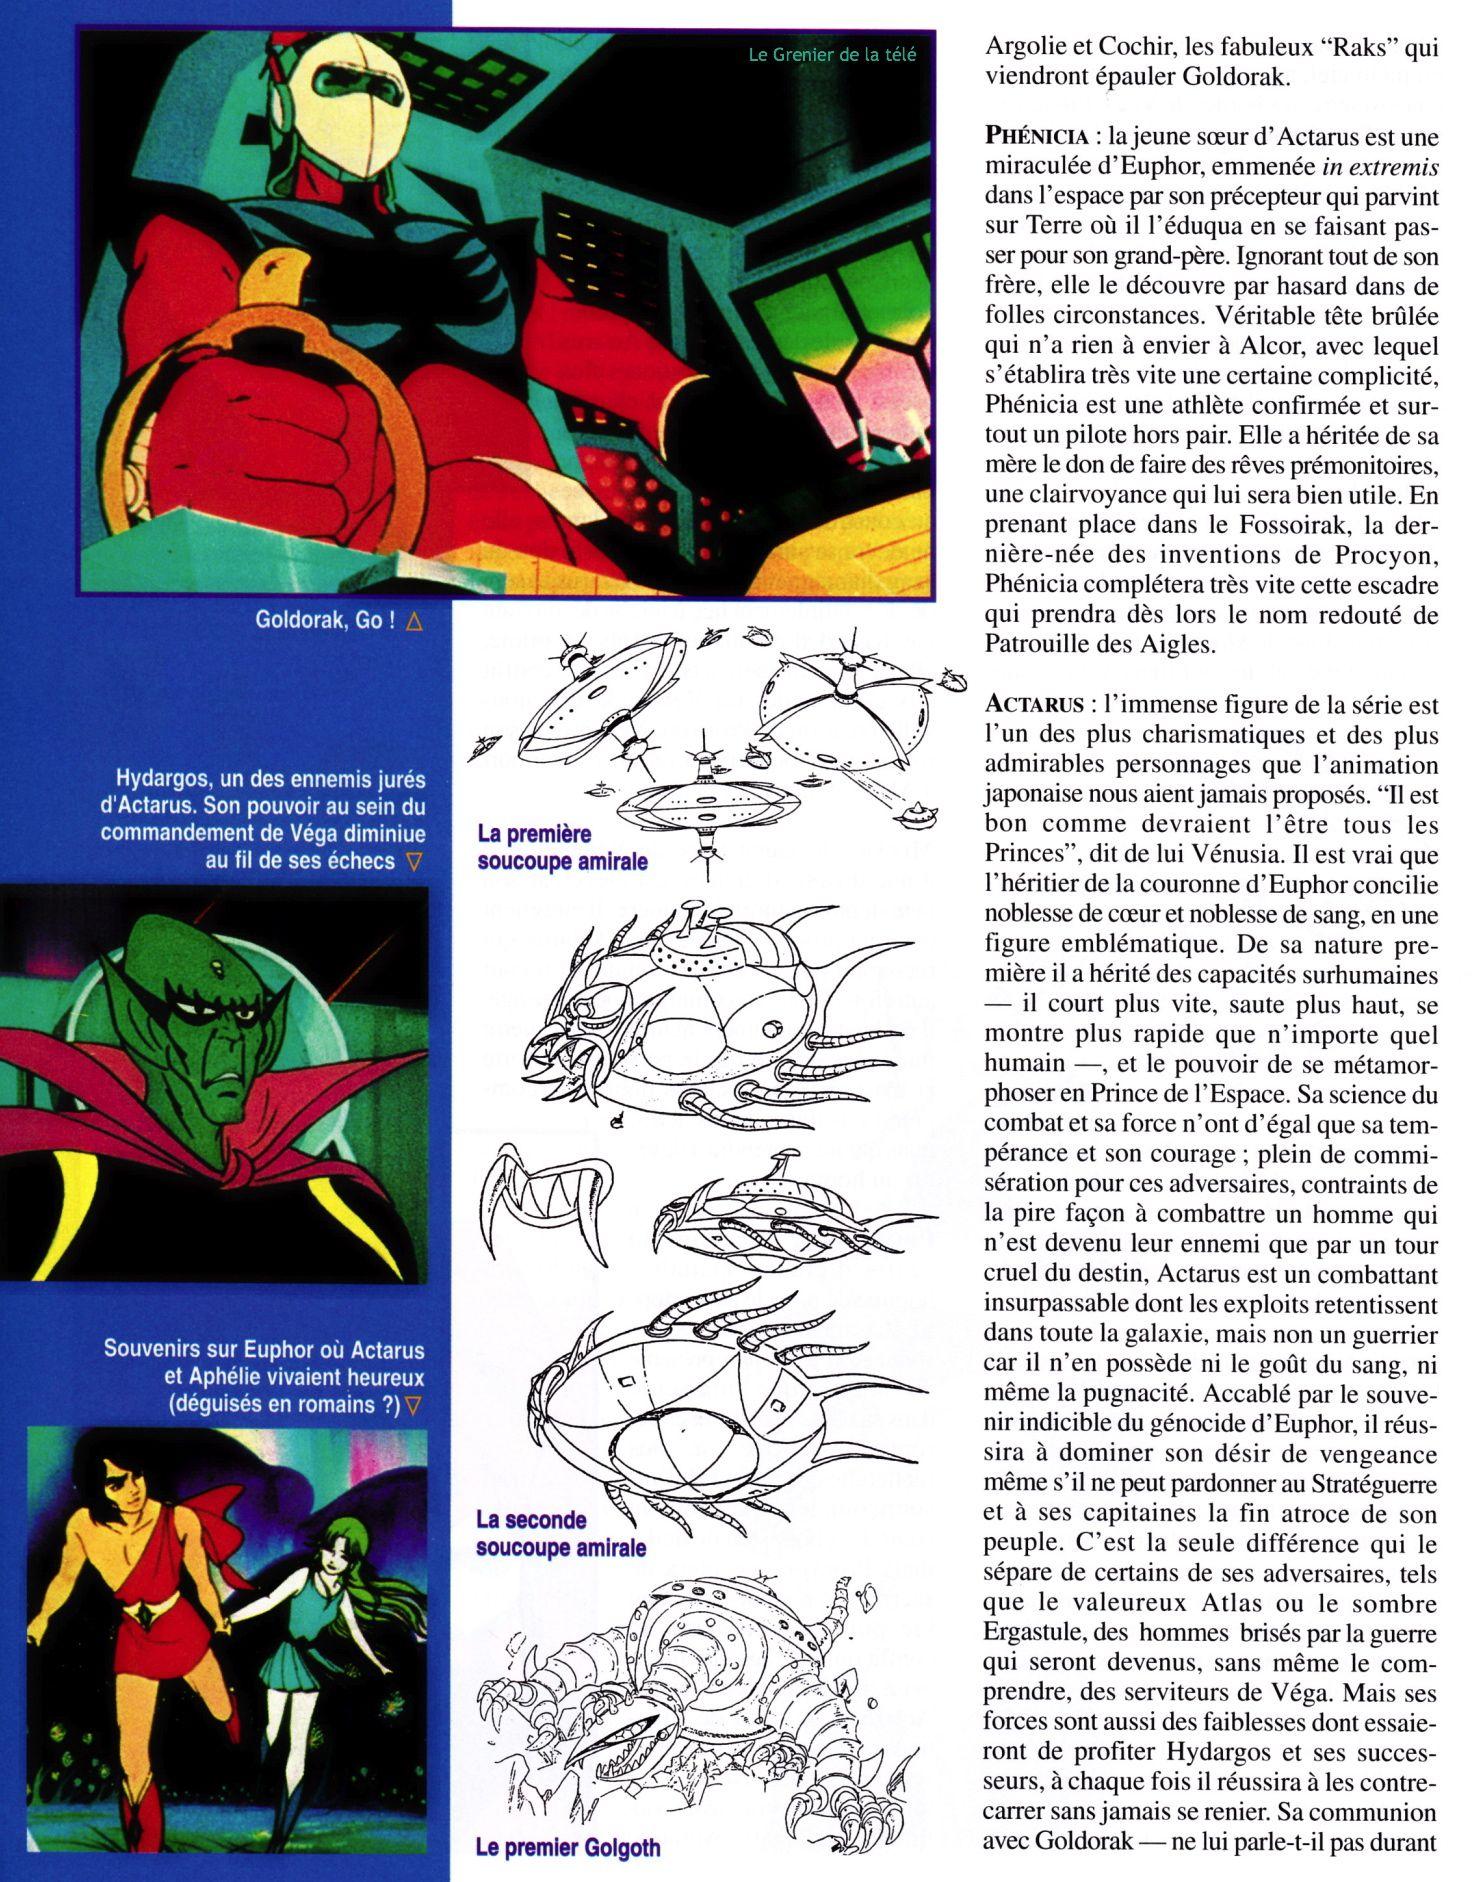 http://grenierdelatv.free.fr/2/goldorakalhs1997k.jpg